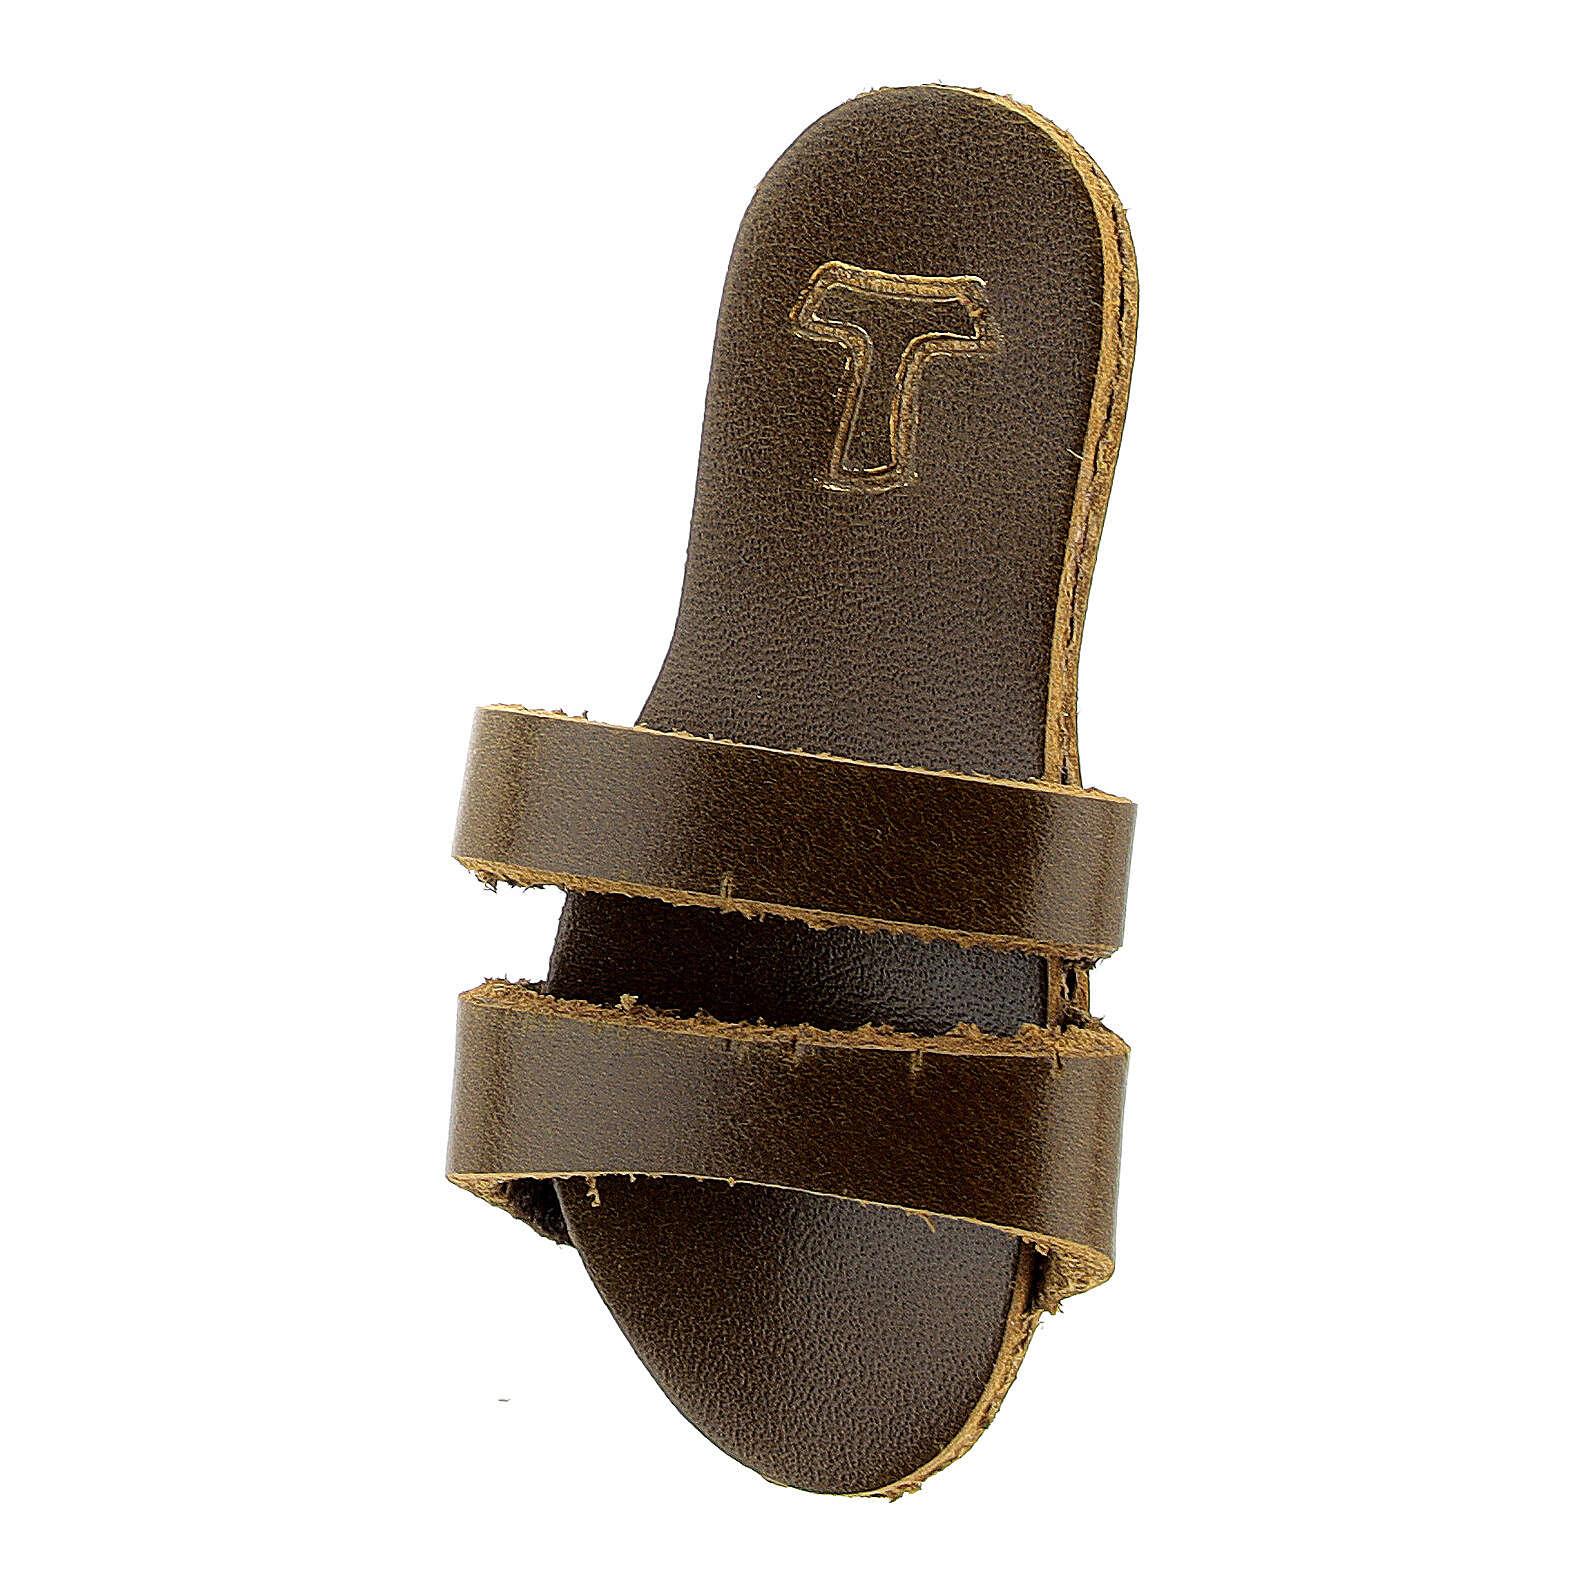 Aimant sandale franciscaine Tau cuir véritable 3